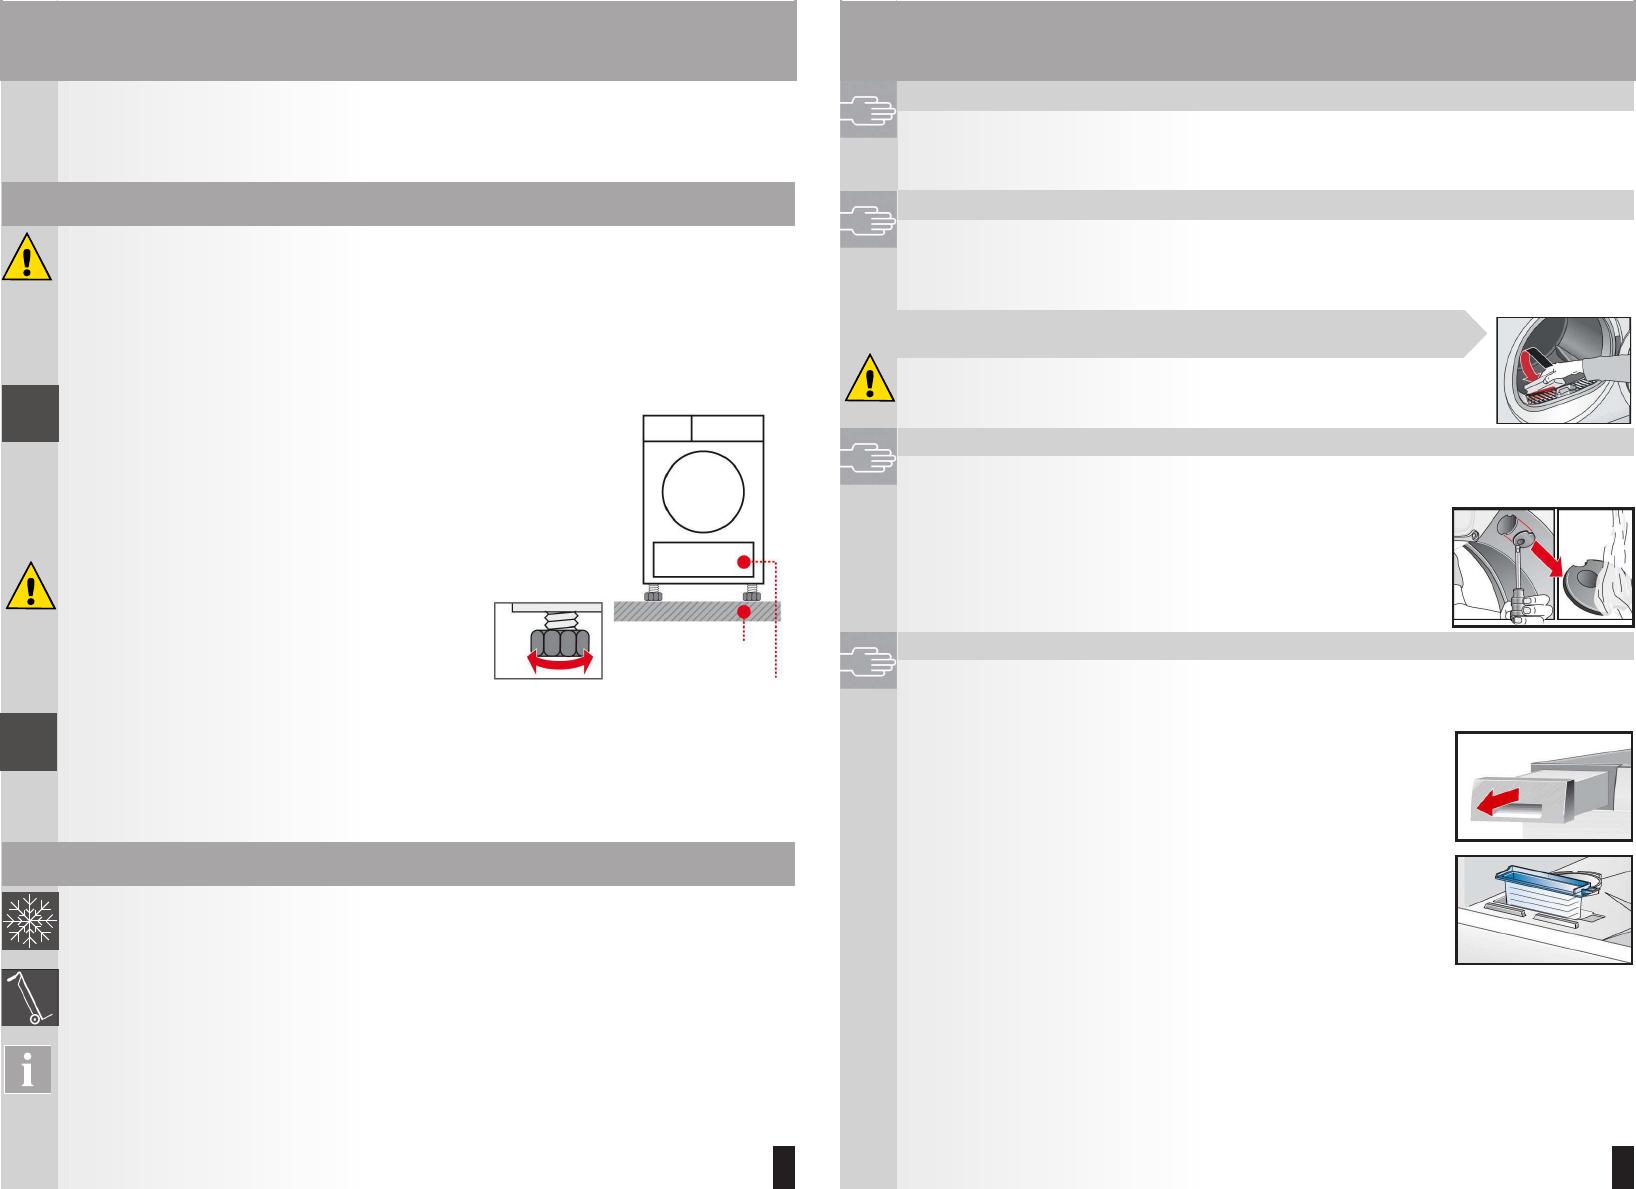 Bedienungsanleitung Bosch WTY887E25 Seite 1 Von 6 Deutsch